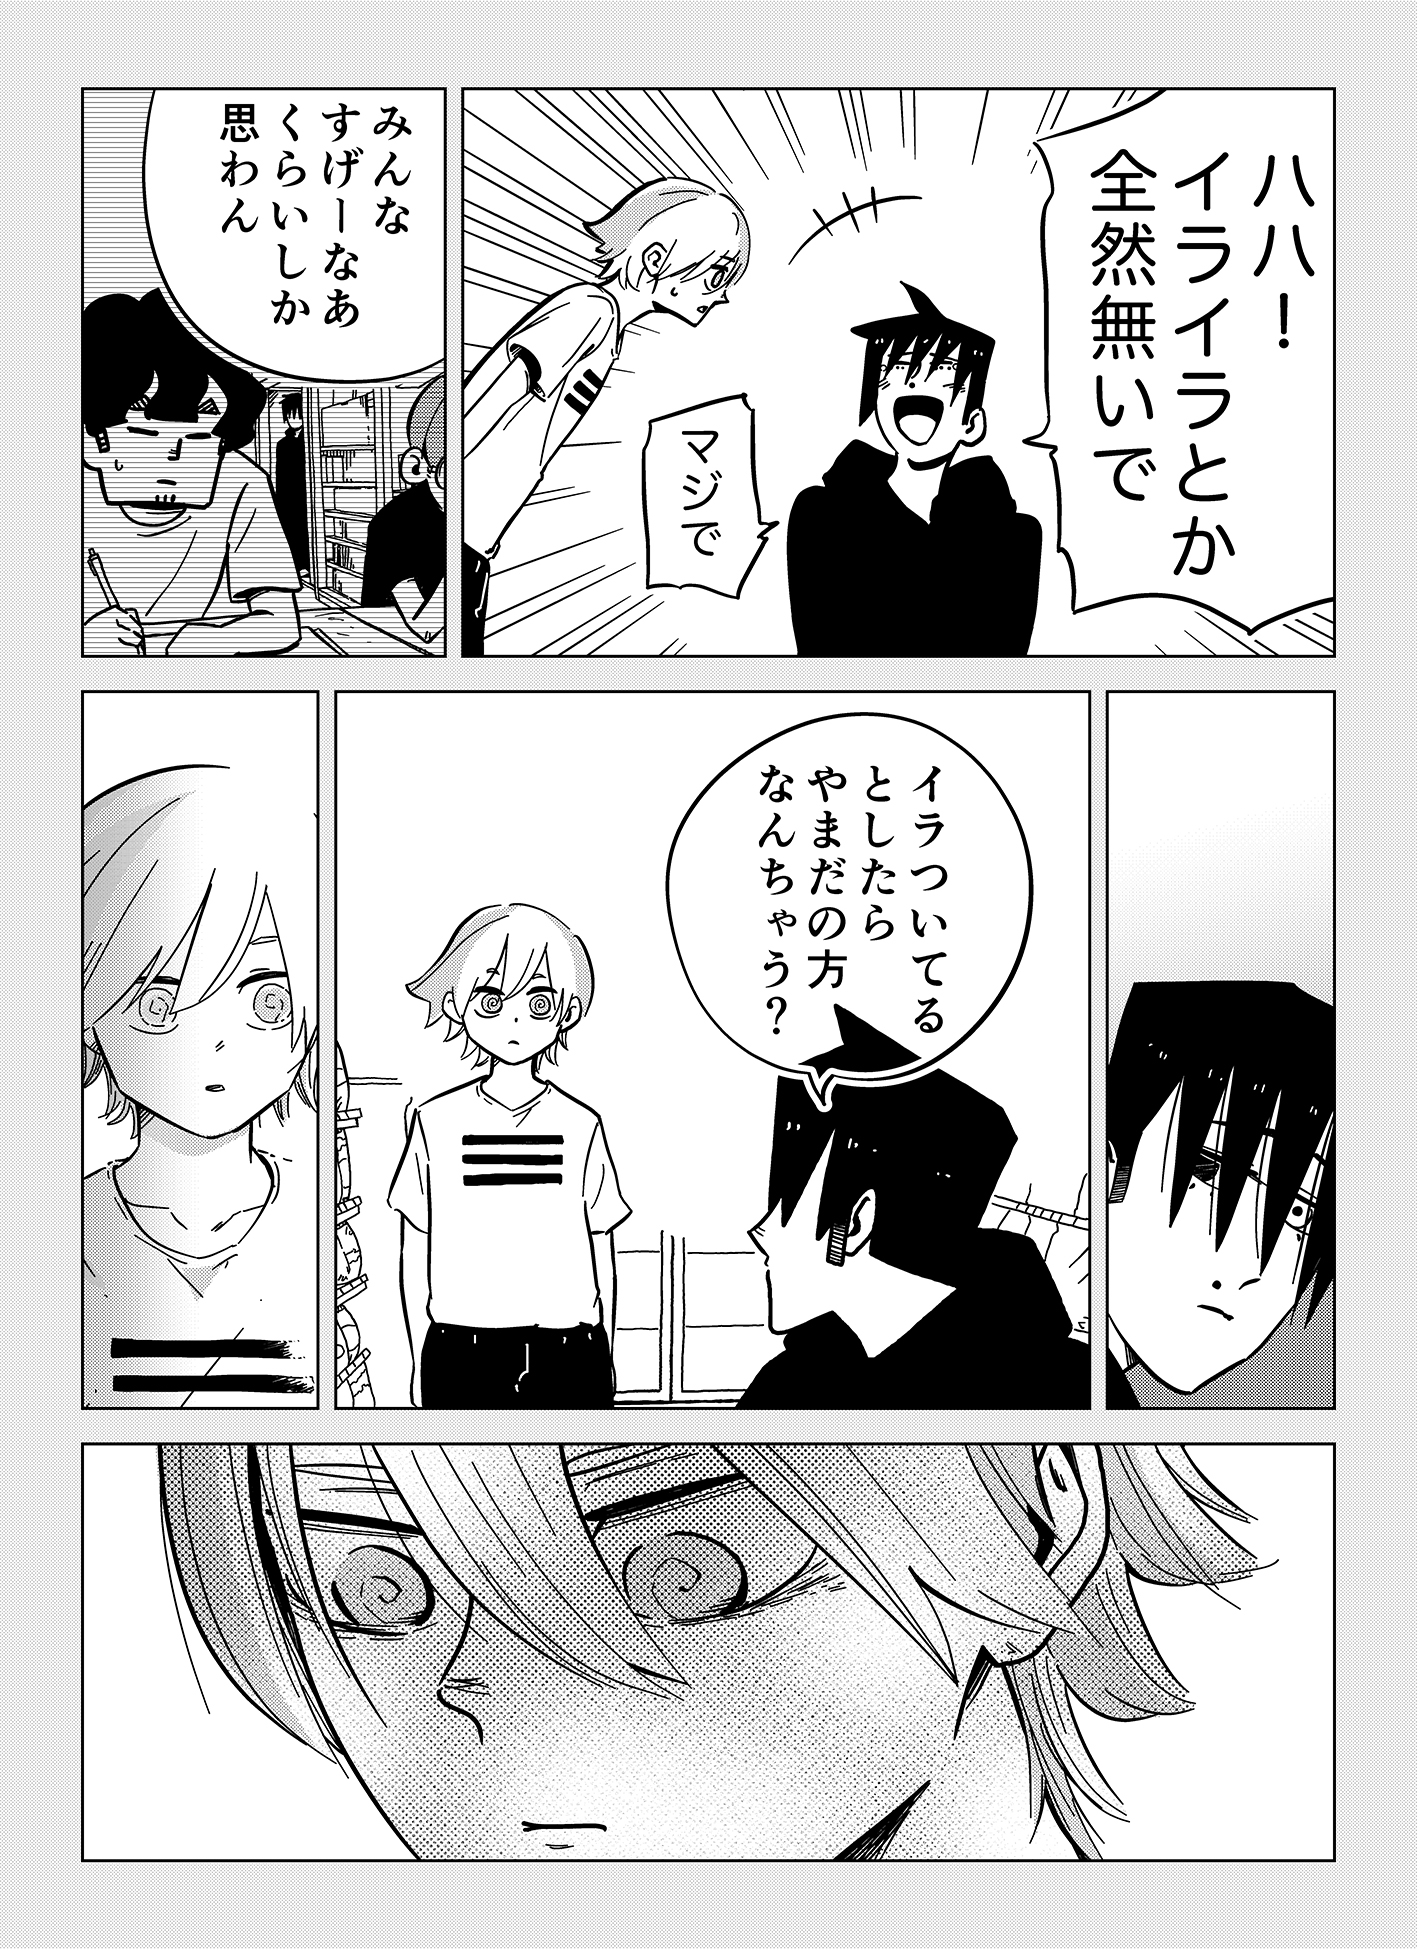 share12_011